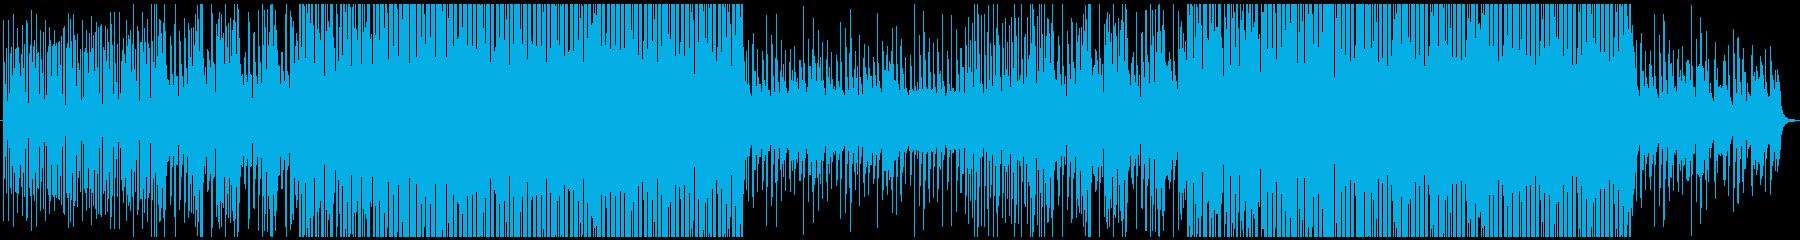 ヒマワリをイメージした明るく優しい楽曲の再生済みの波形